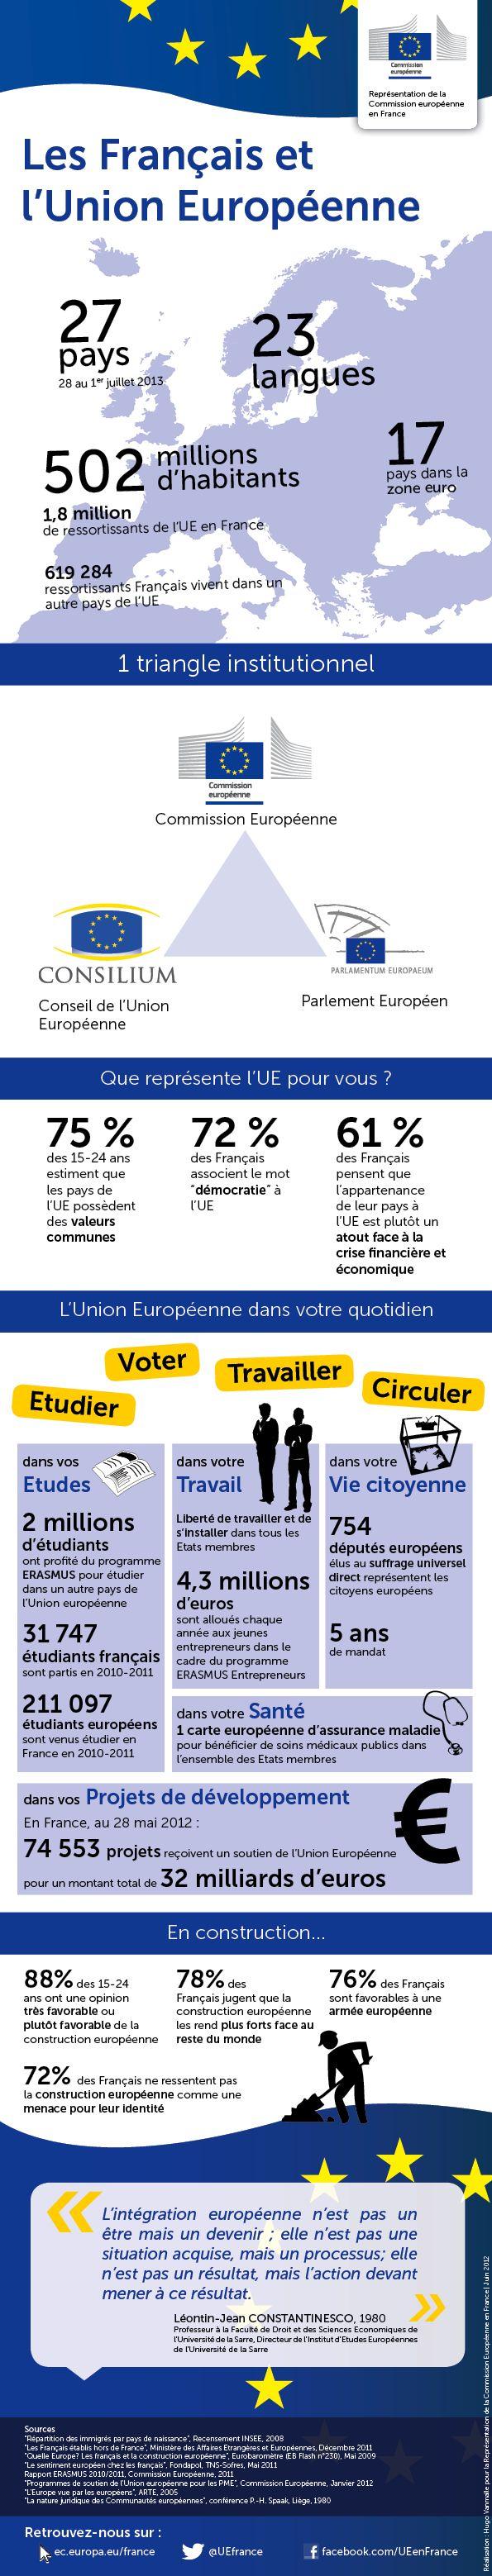 Infographie : Les français et l'Union européenne